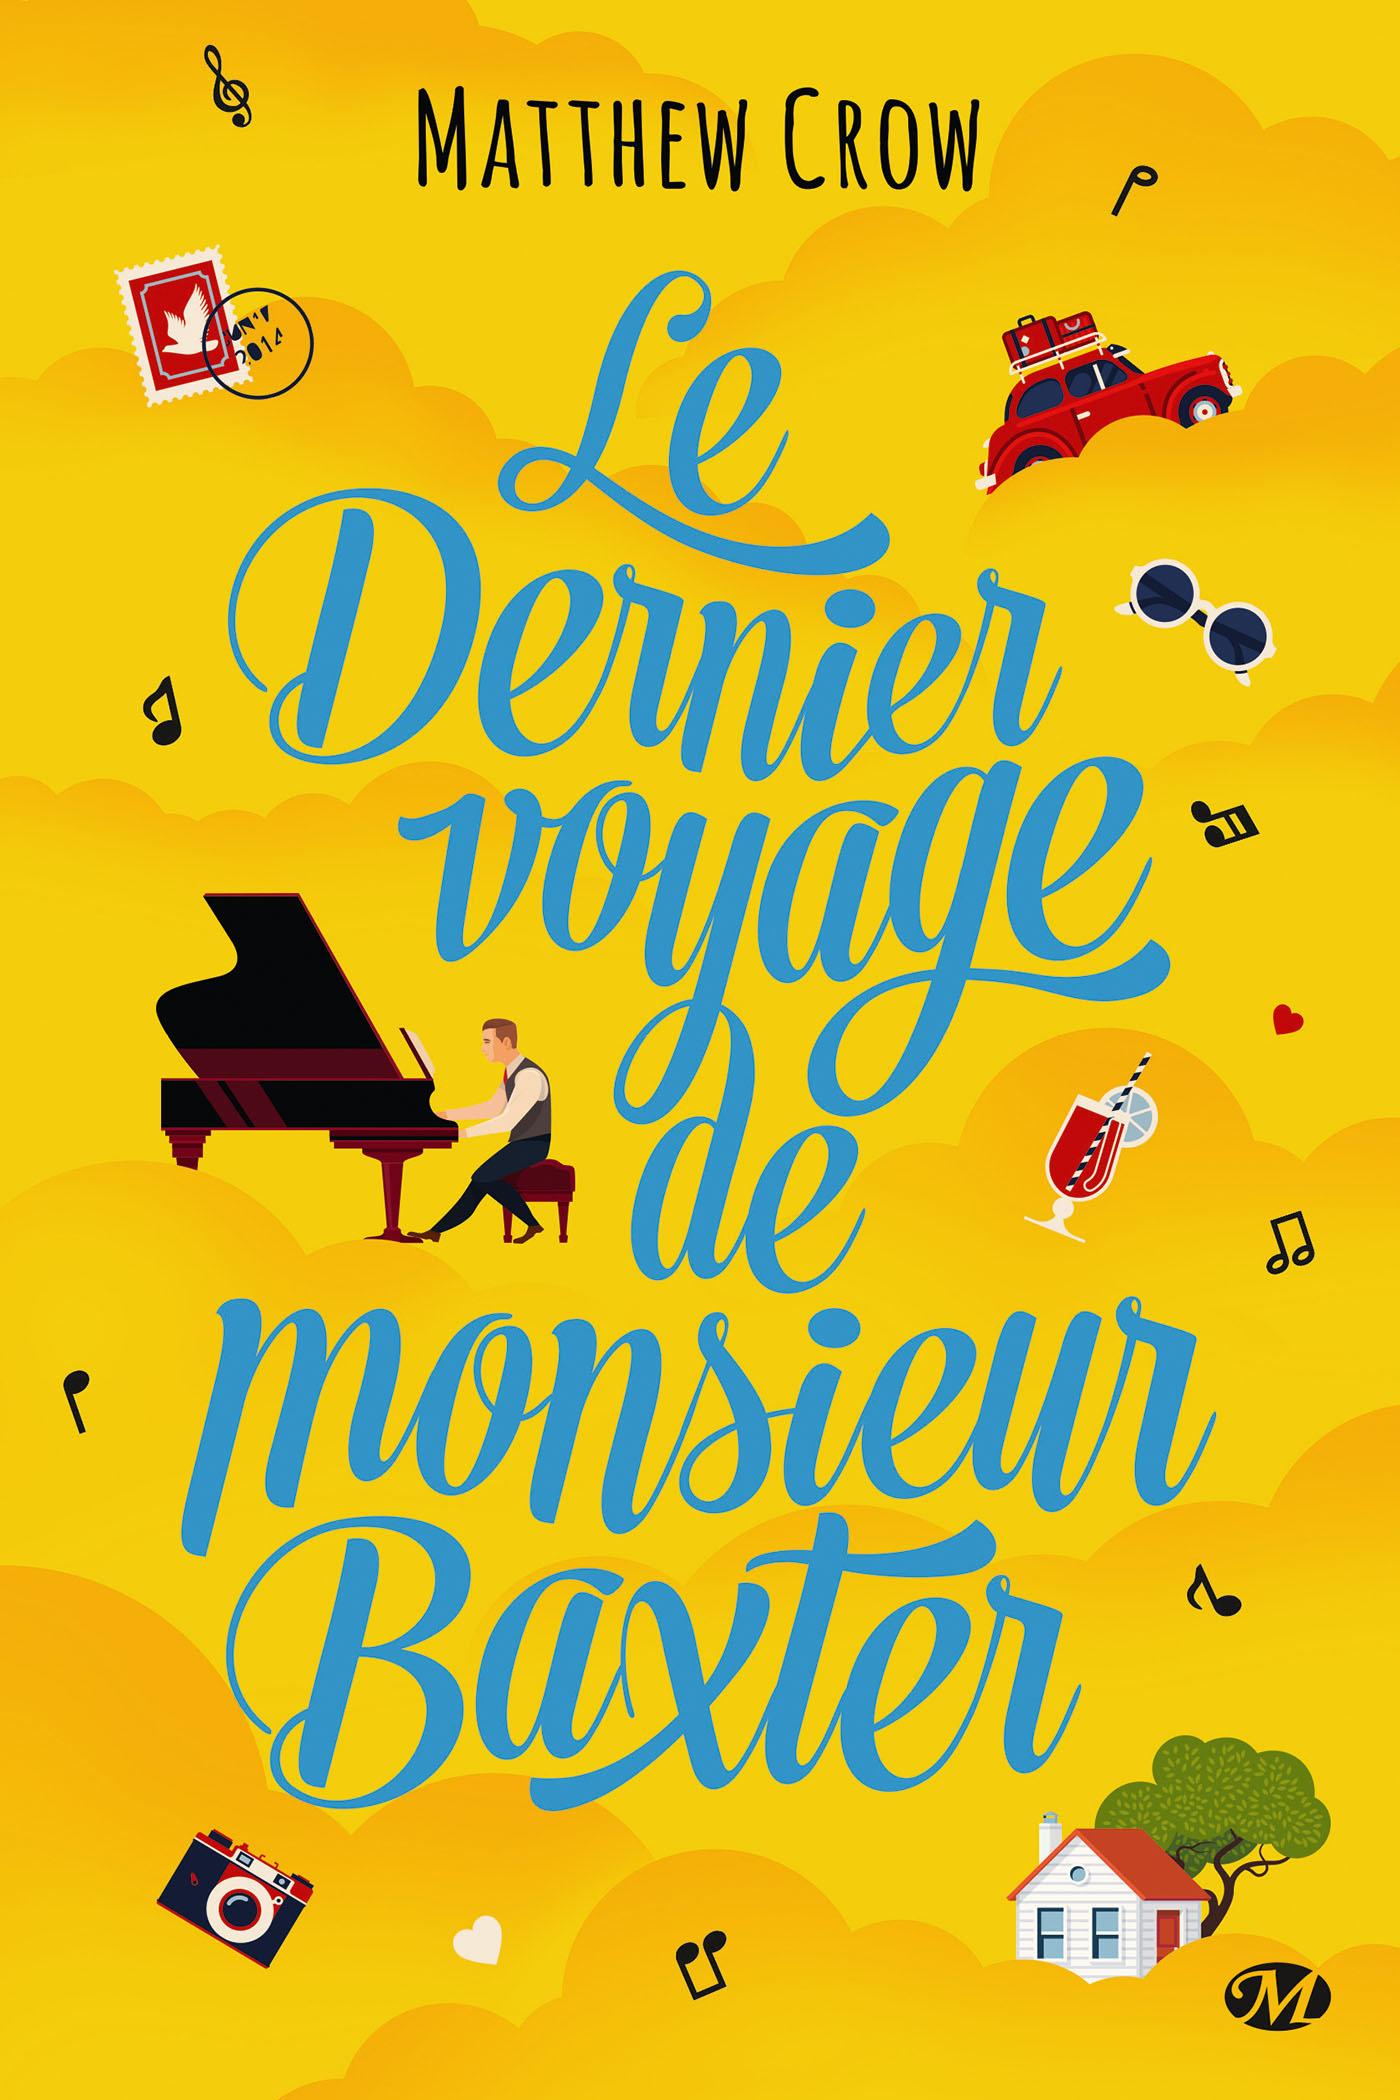 Le Dernier Voyage de monsieur Baxter